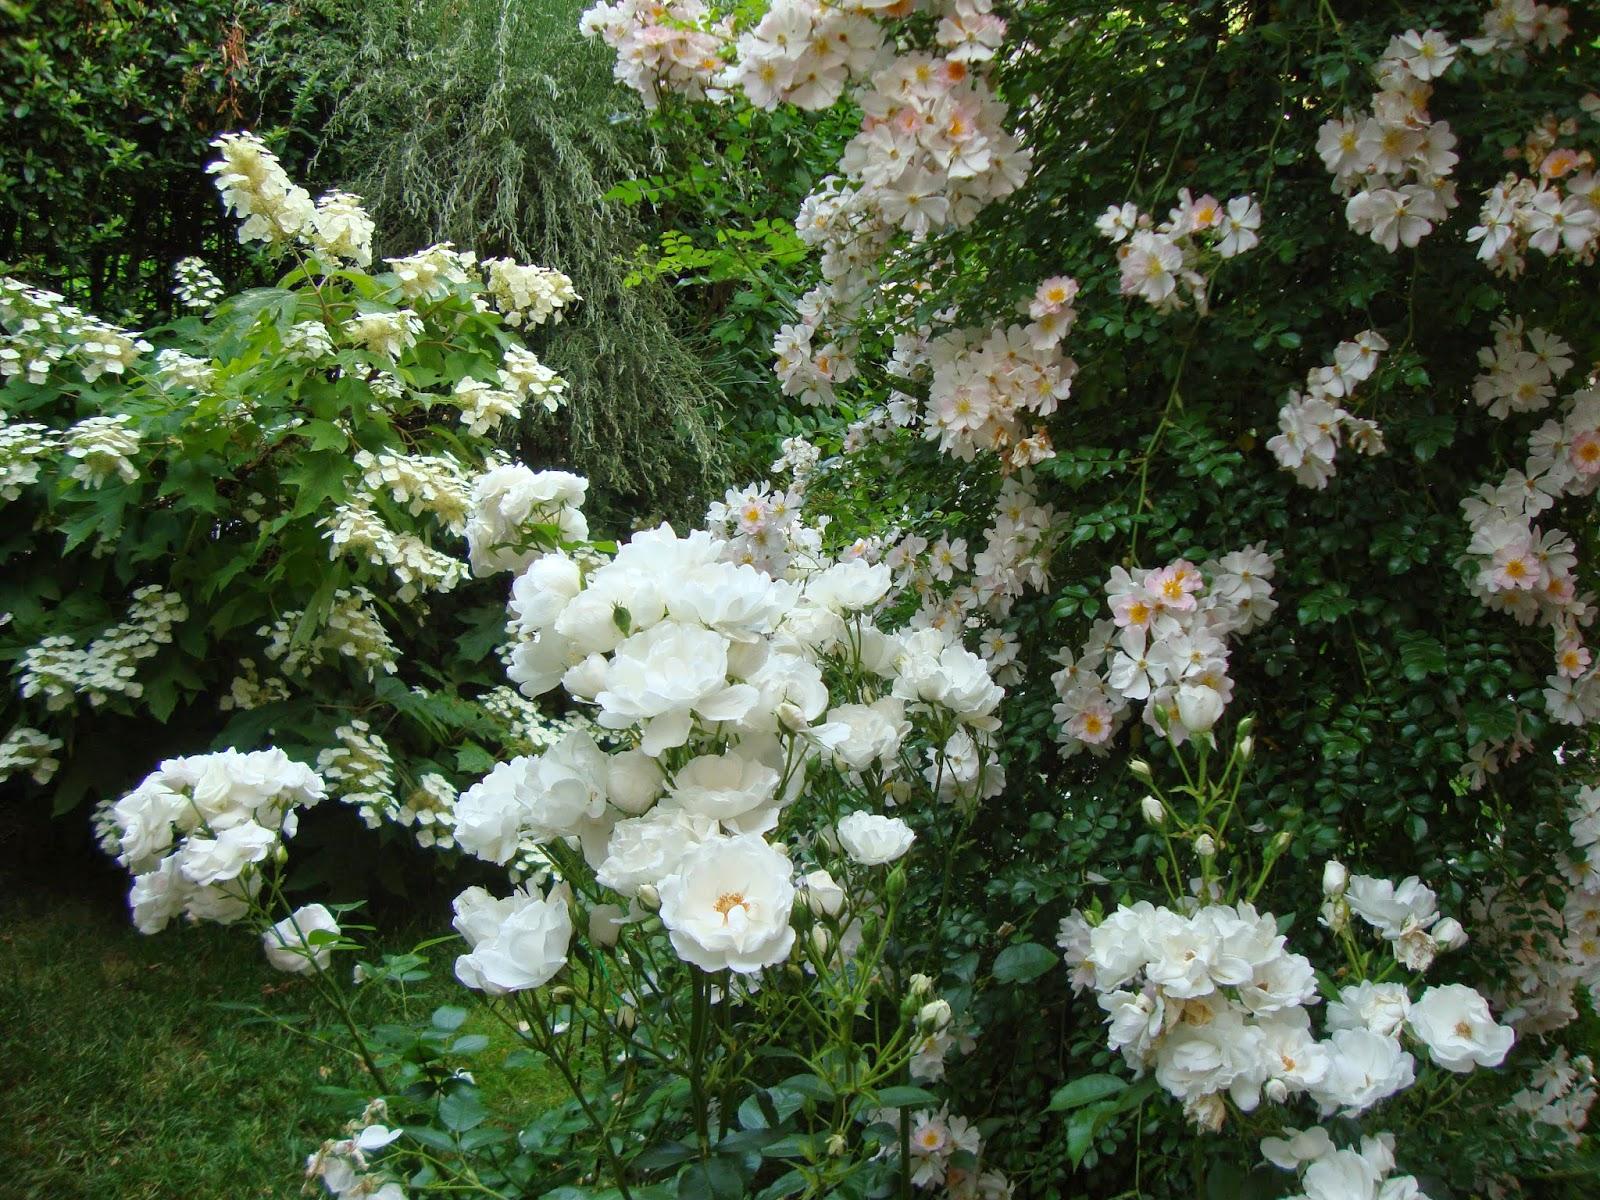 Un piccolo giardino in citt fiori bianchi perch for Fiori piccoli bianchi